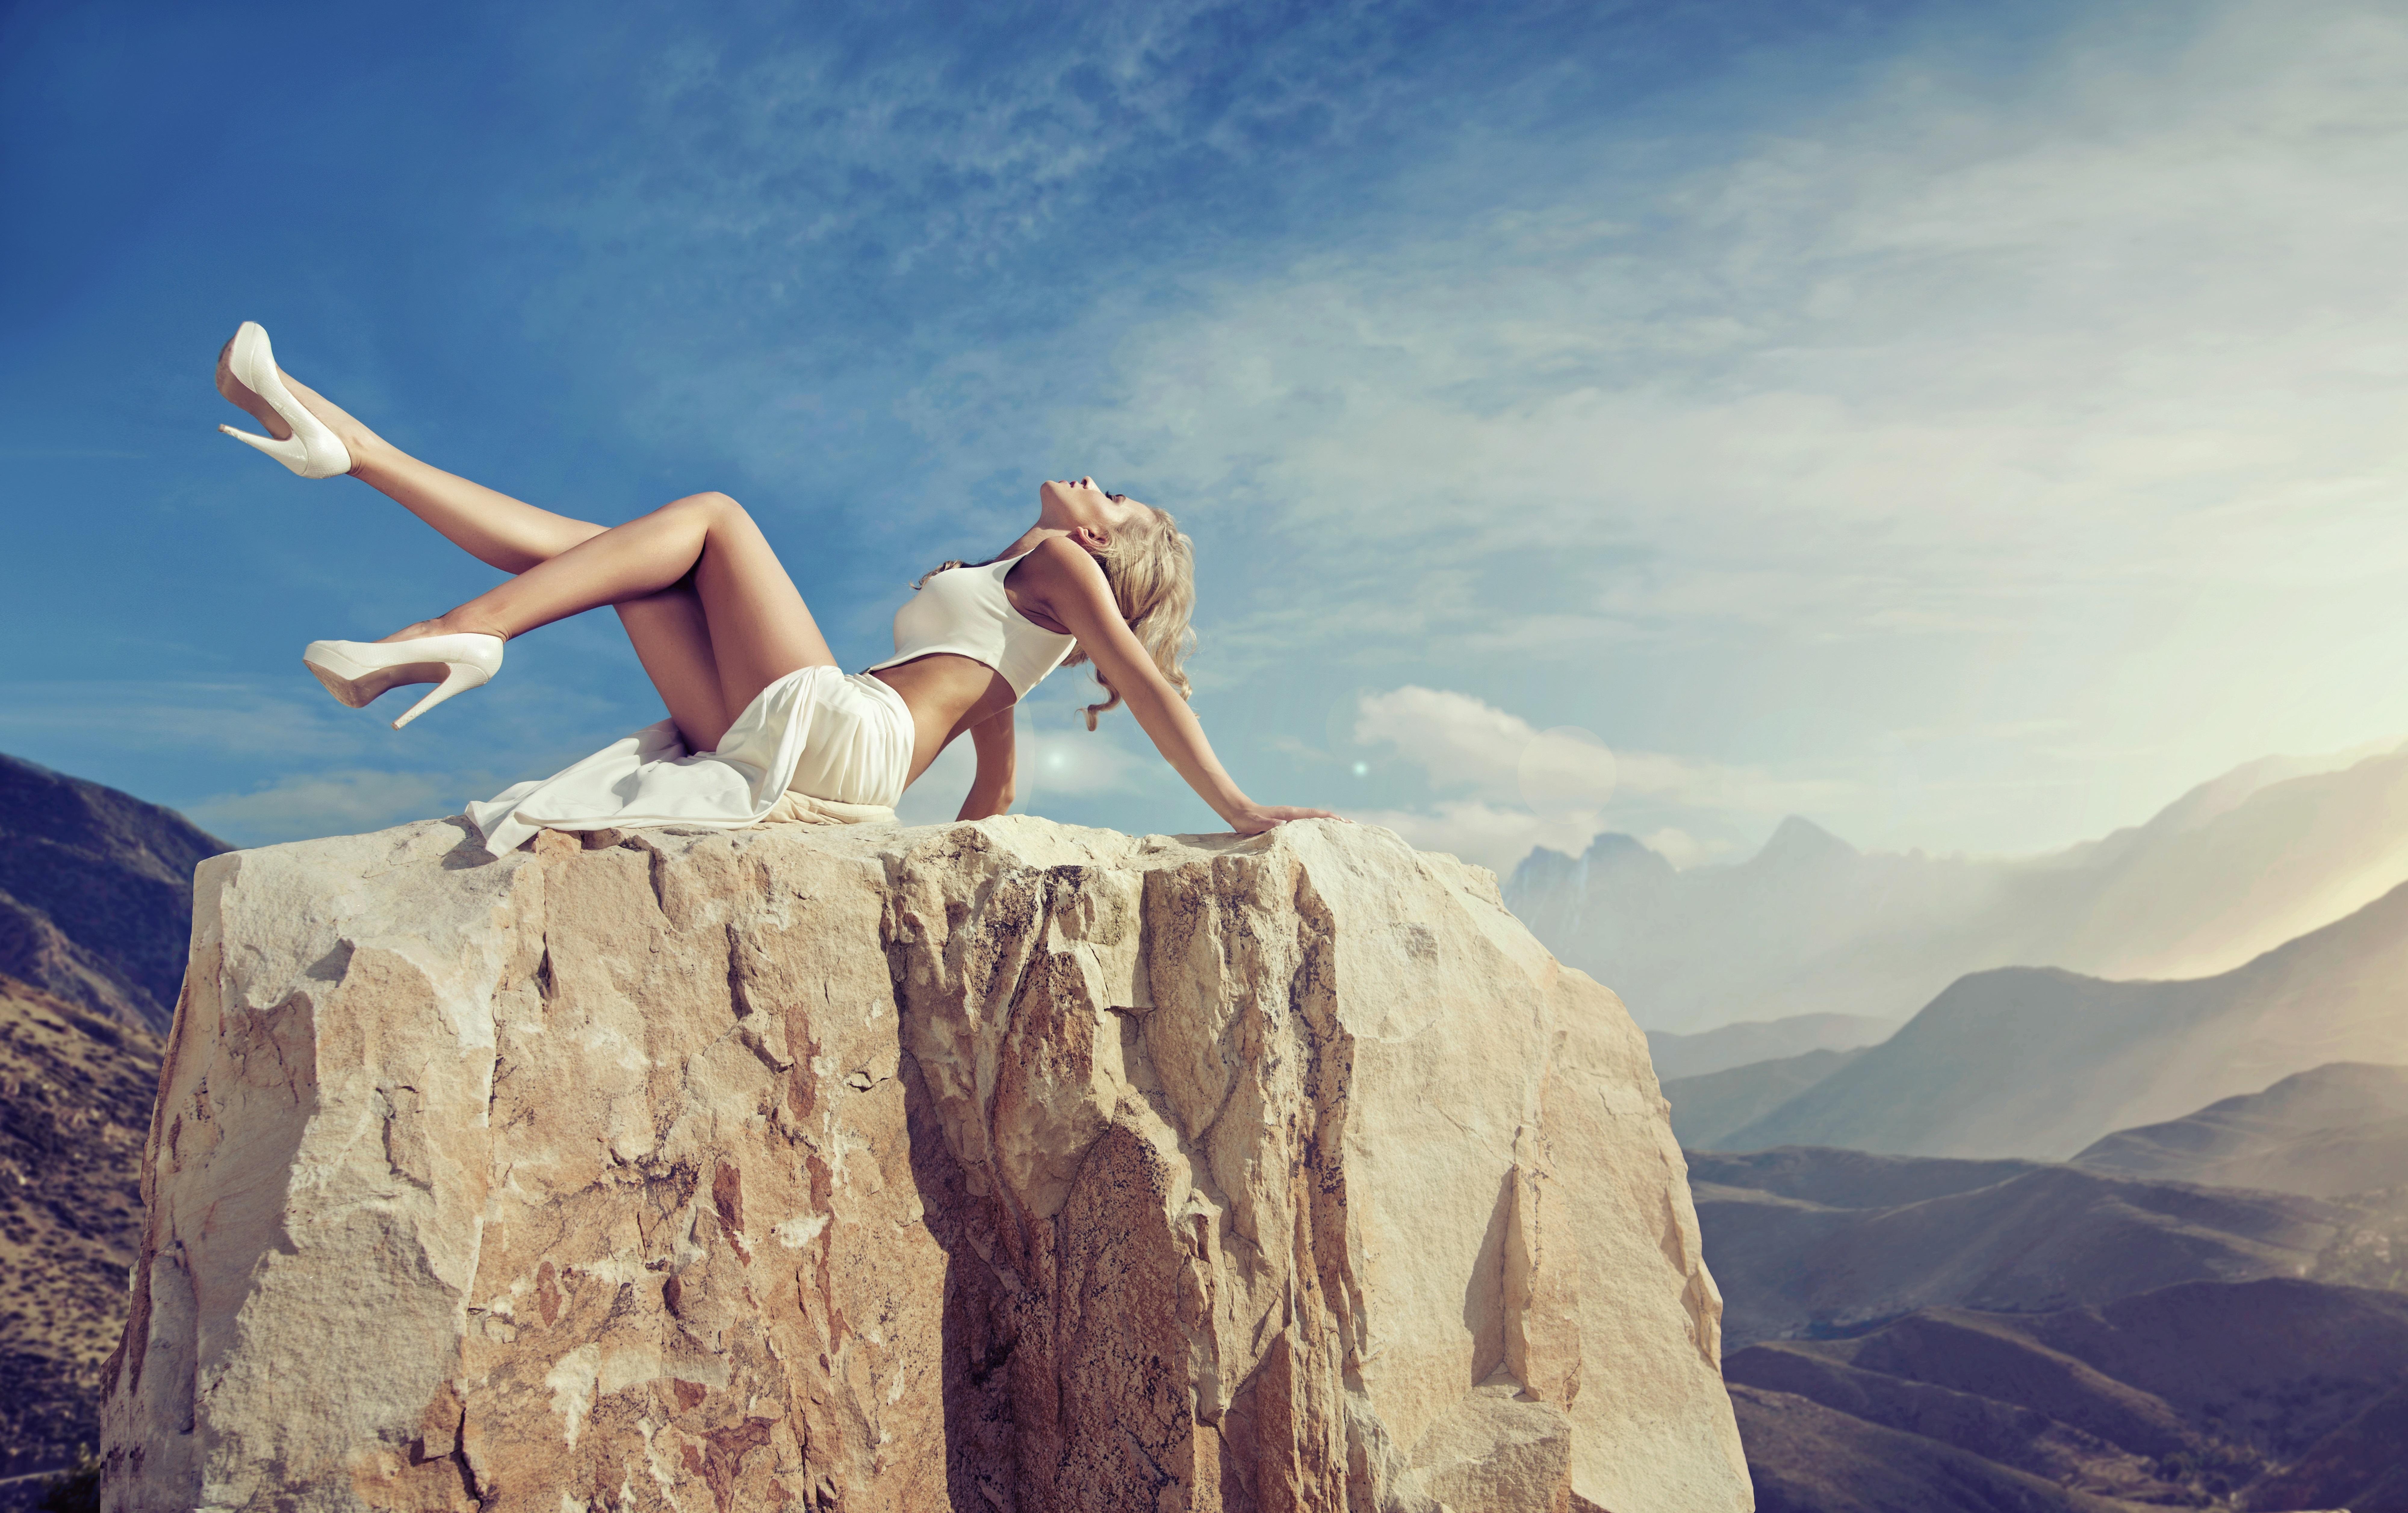 Парень фотографирует голую подружку у скалы  234608